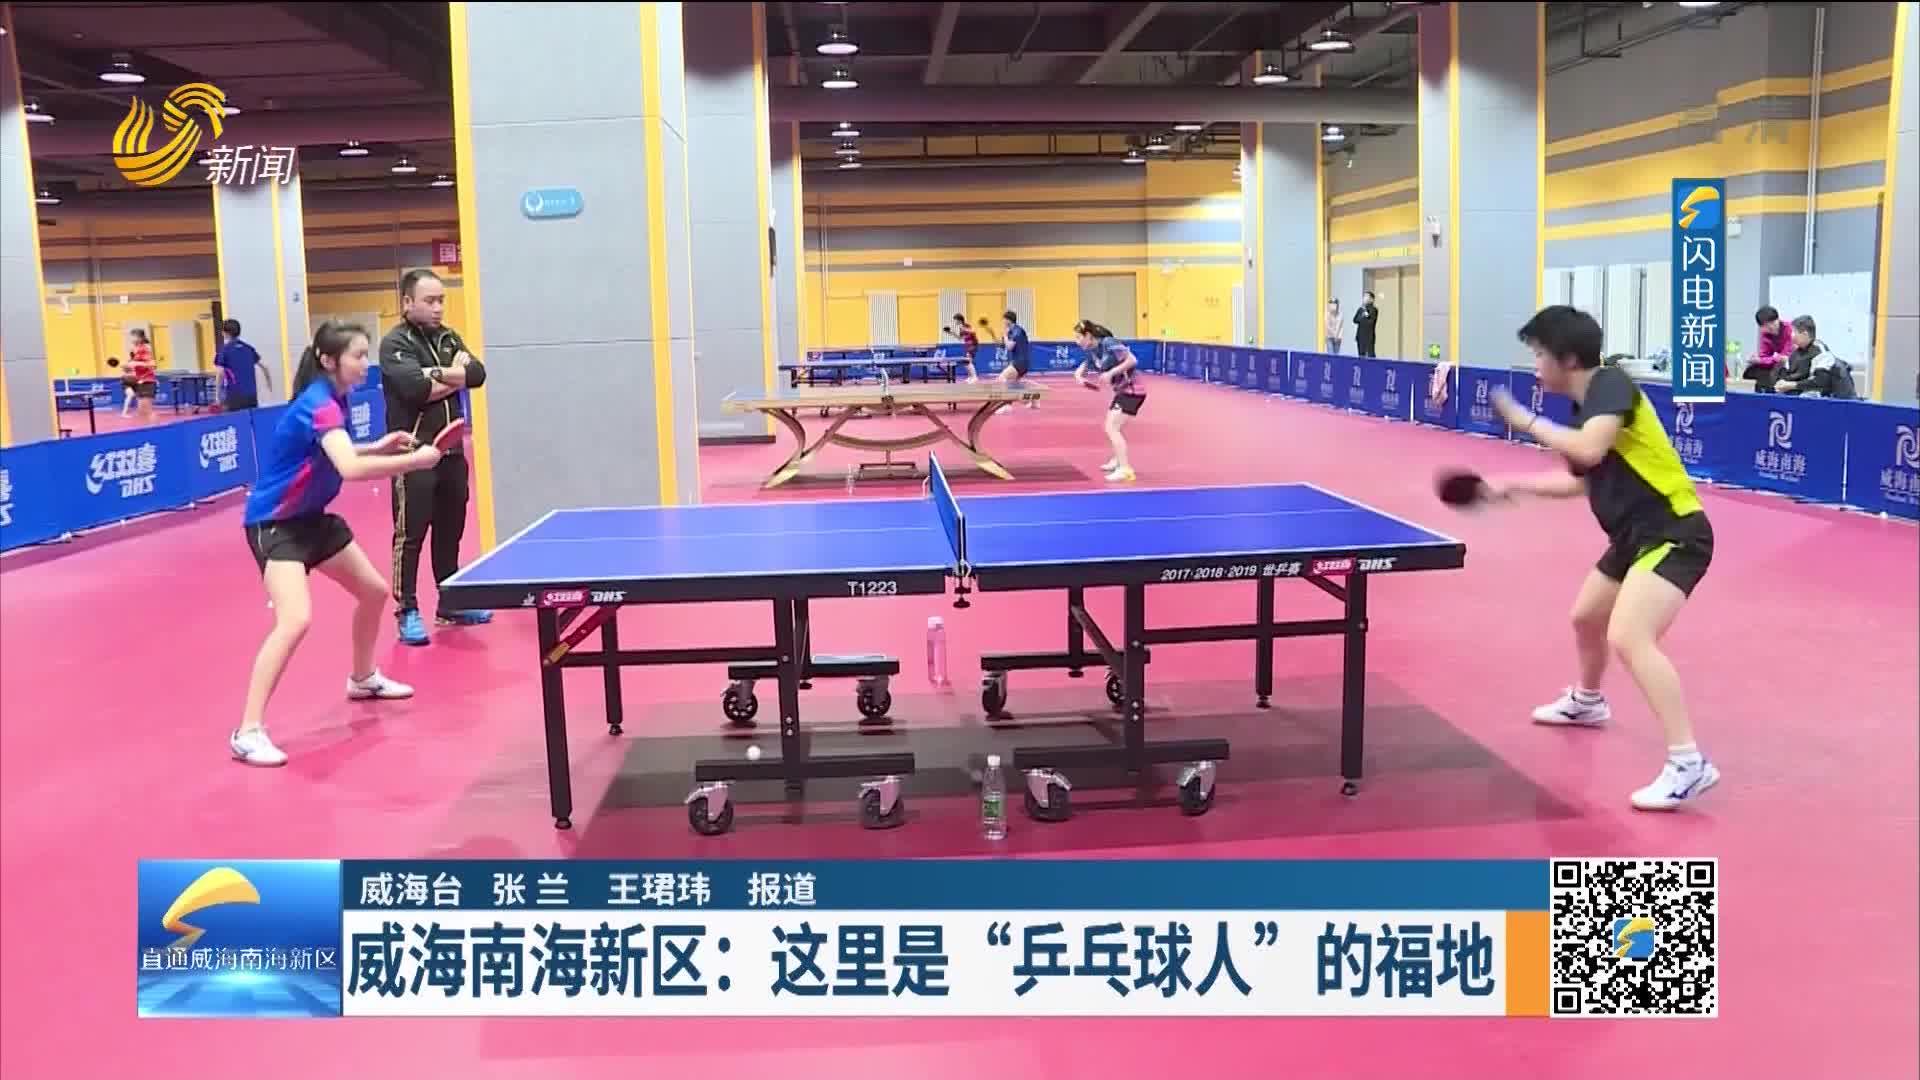 """威海南海新区:这里是""""乒乓球人""""的福地"""